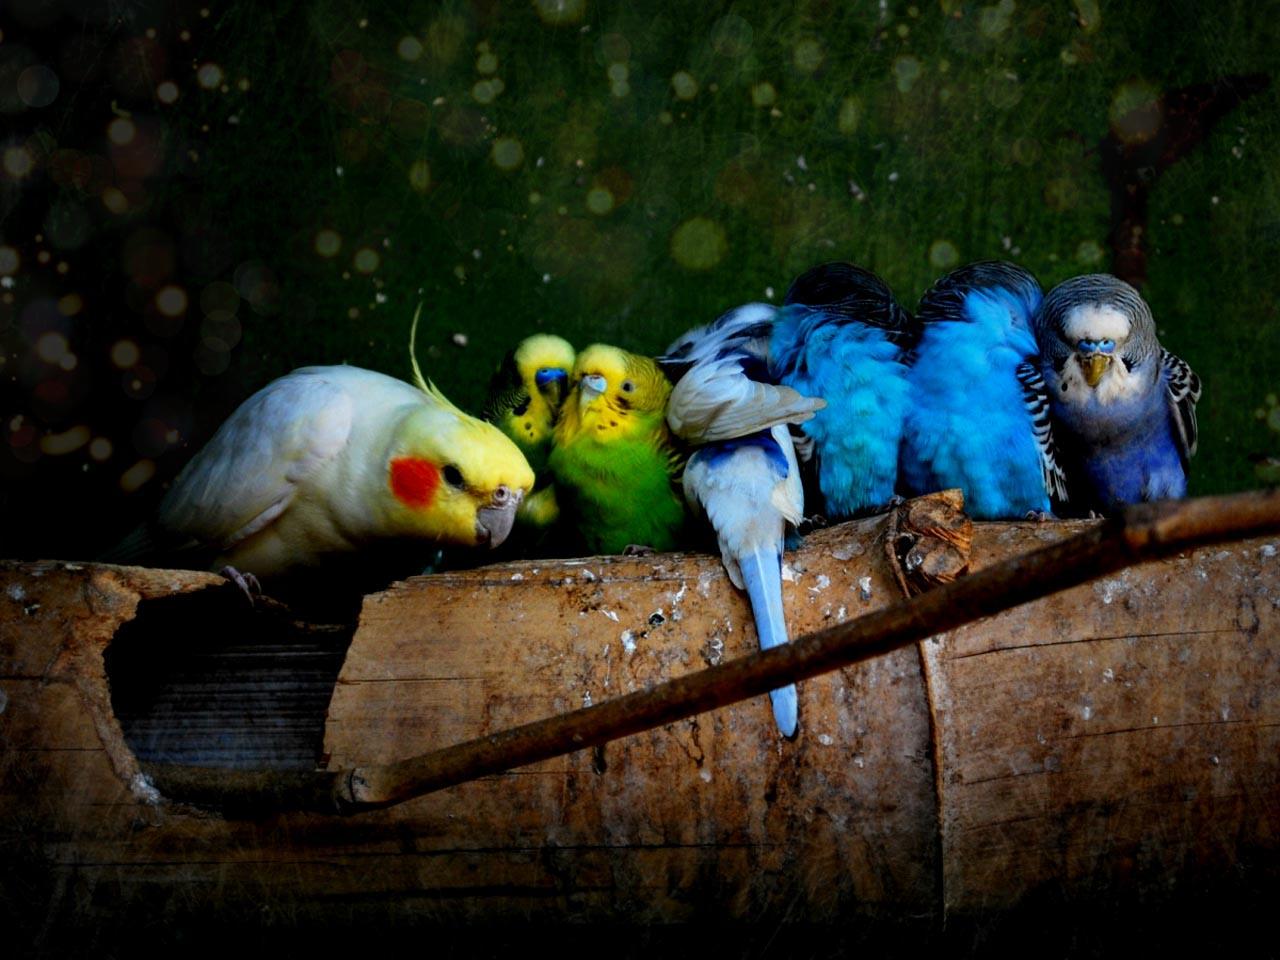 разноцветные попугаи, скачать фото, обои для рабочего стола